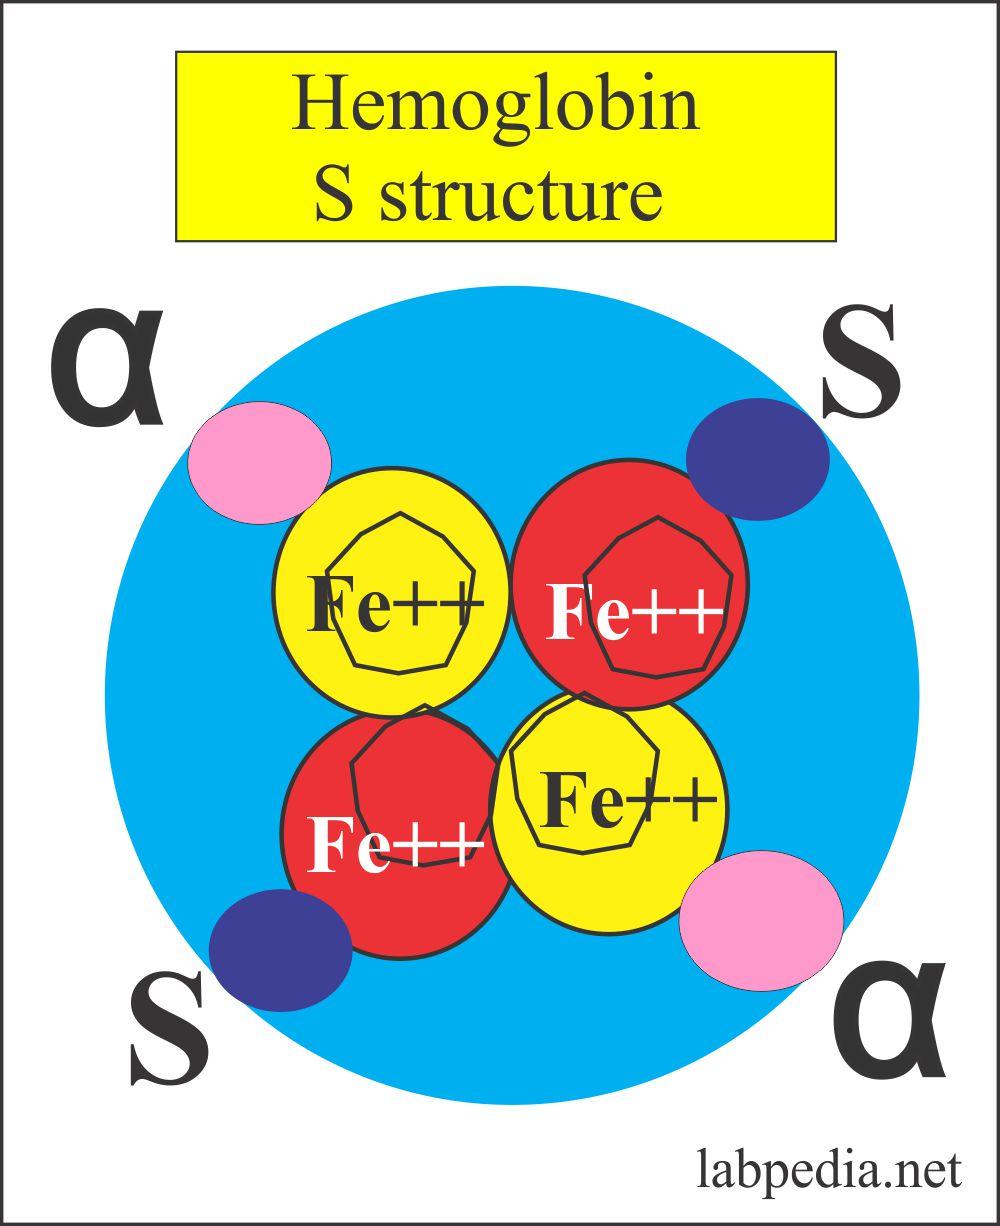 Hb S (Homozygous) structure